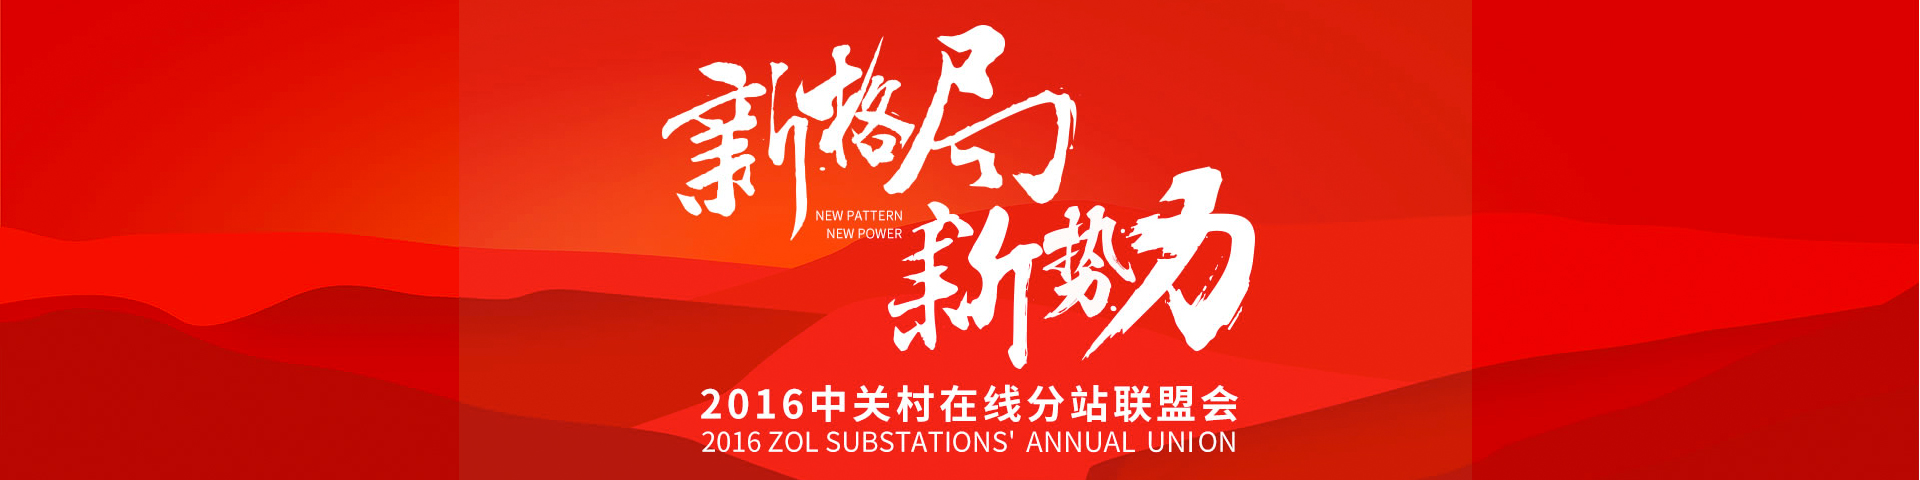 2016年分站联盟会